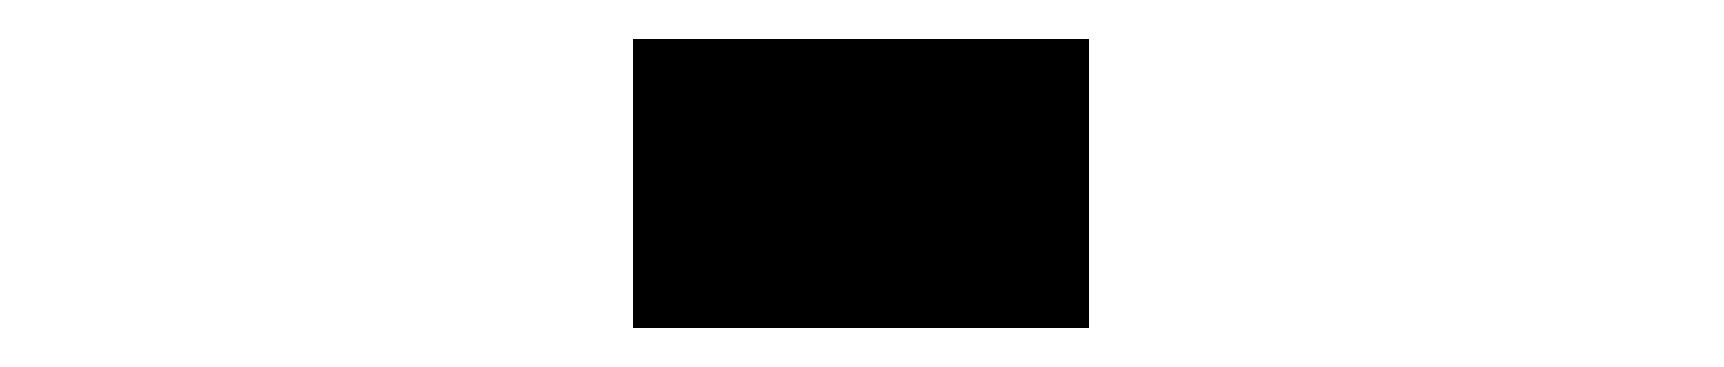 simbol-buti.png